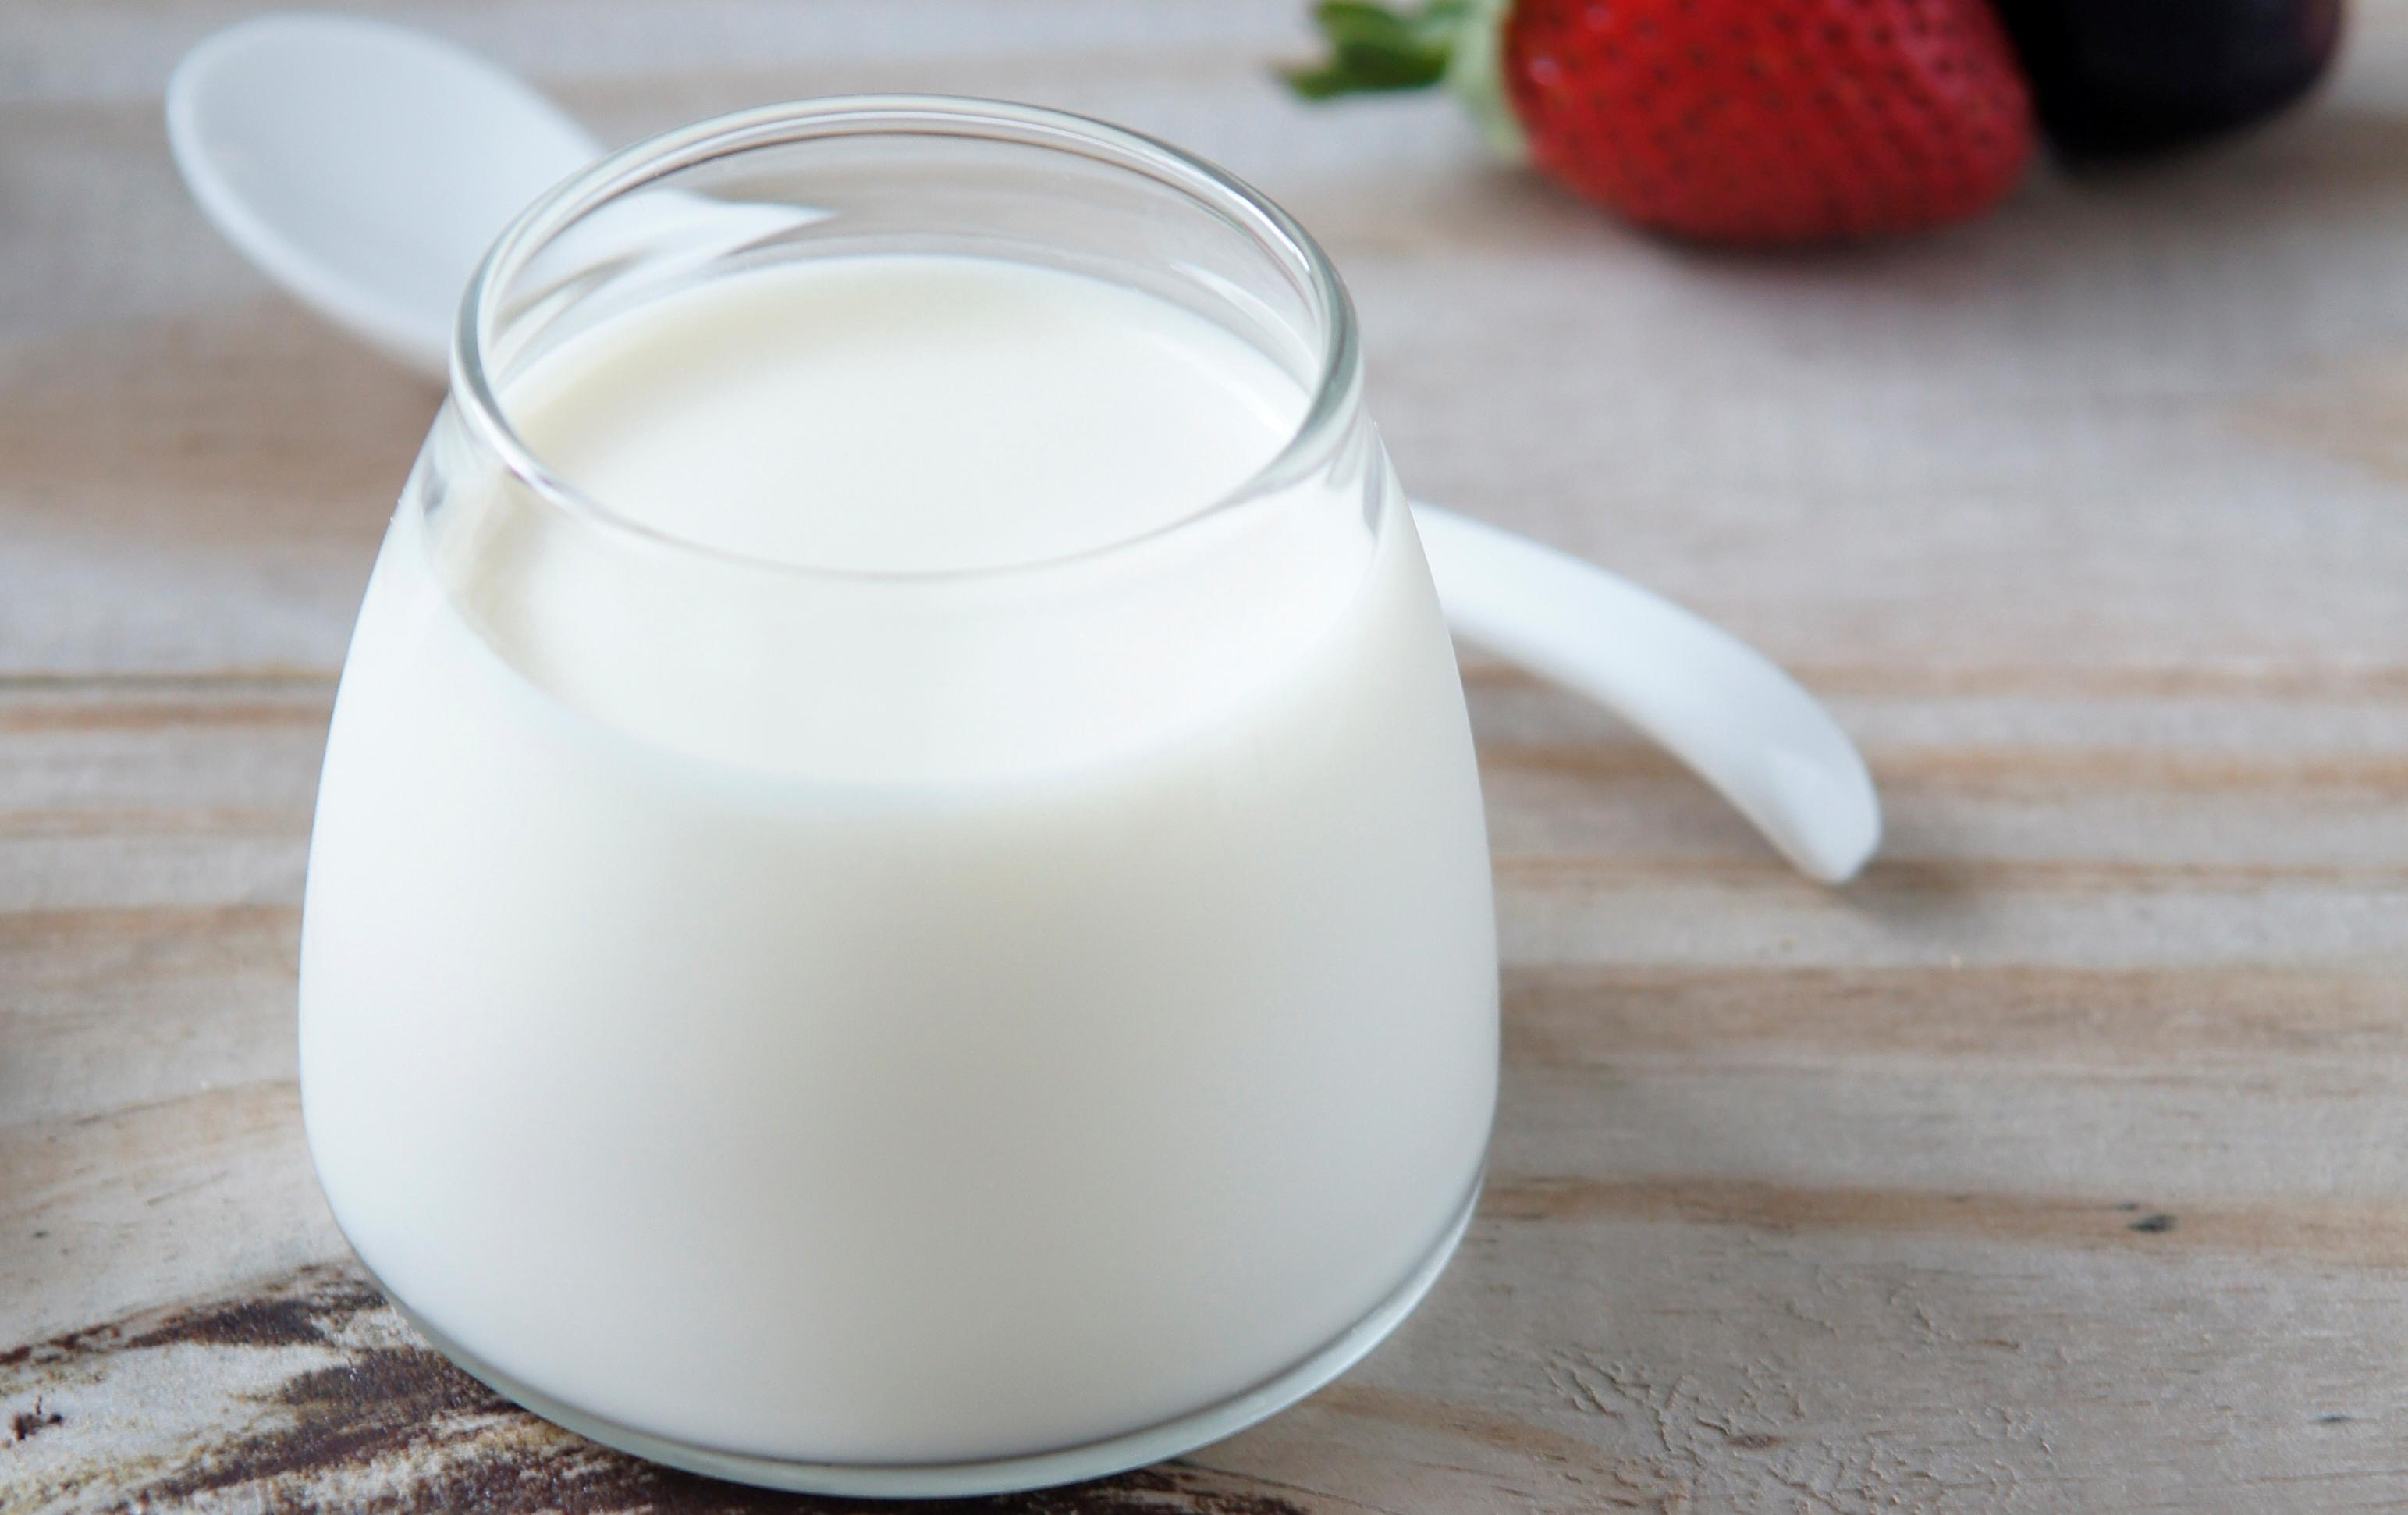 Sữa chua giàu dinh dưỡng, có lợi cho vóc dáng và góp phần không nhỏ làm đẹp da